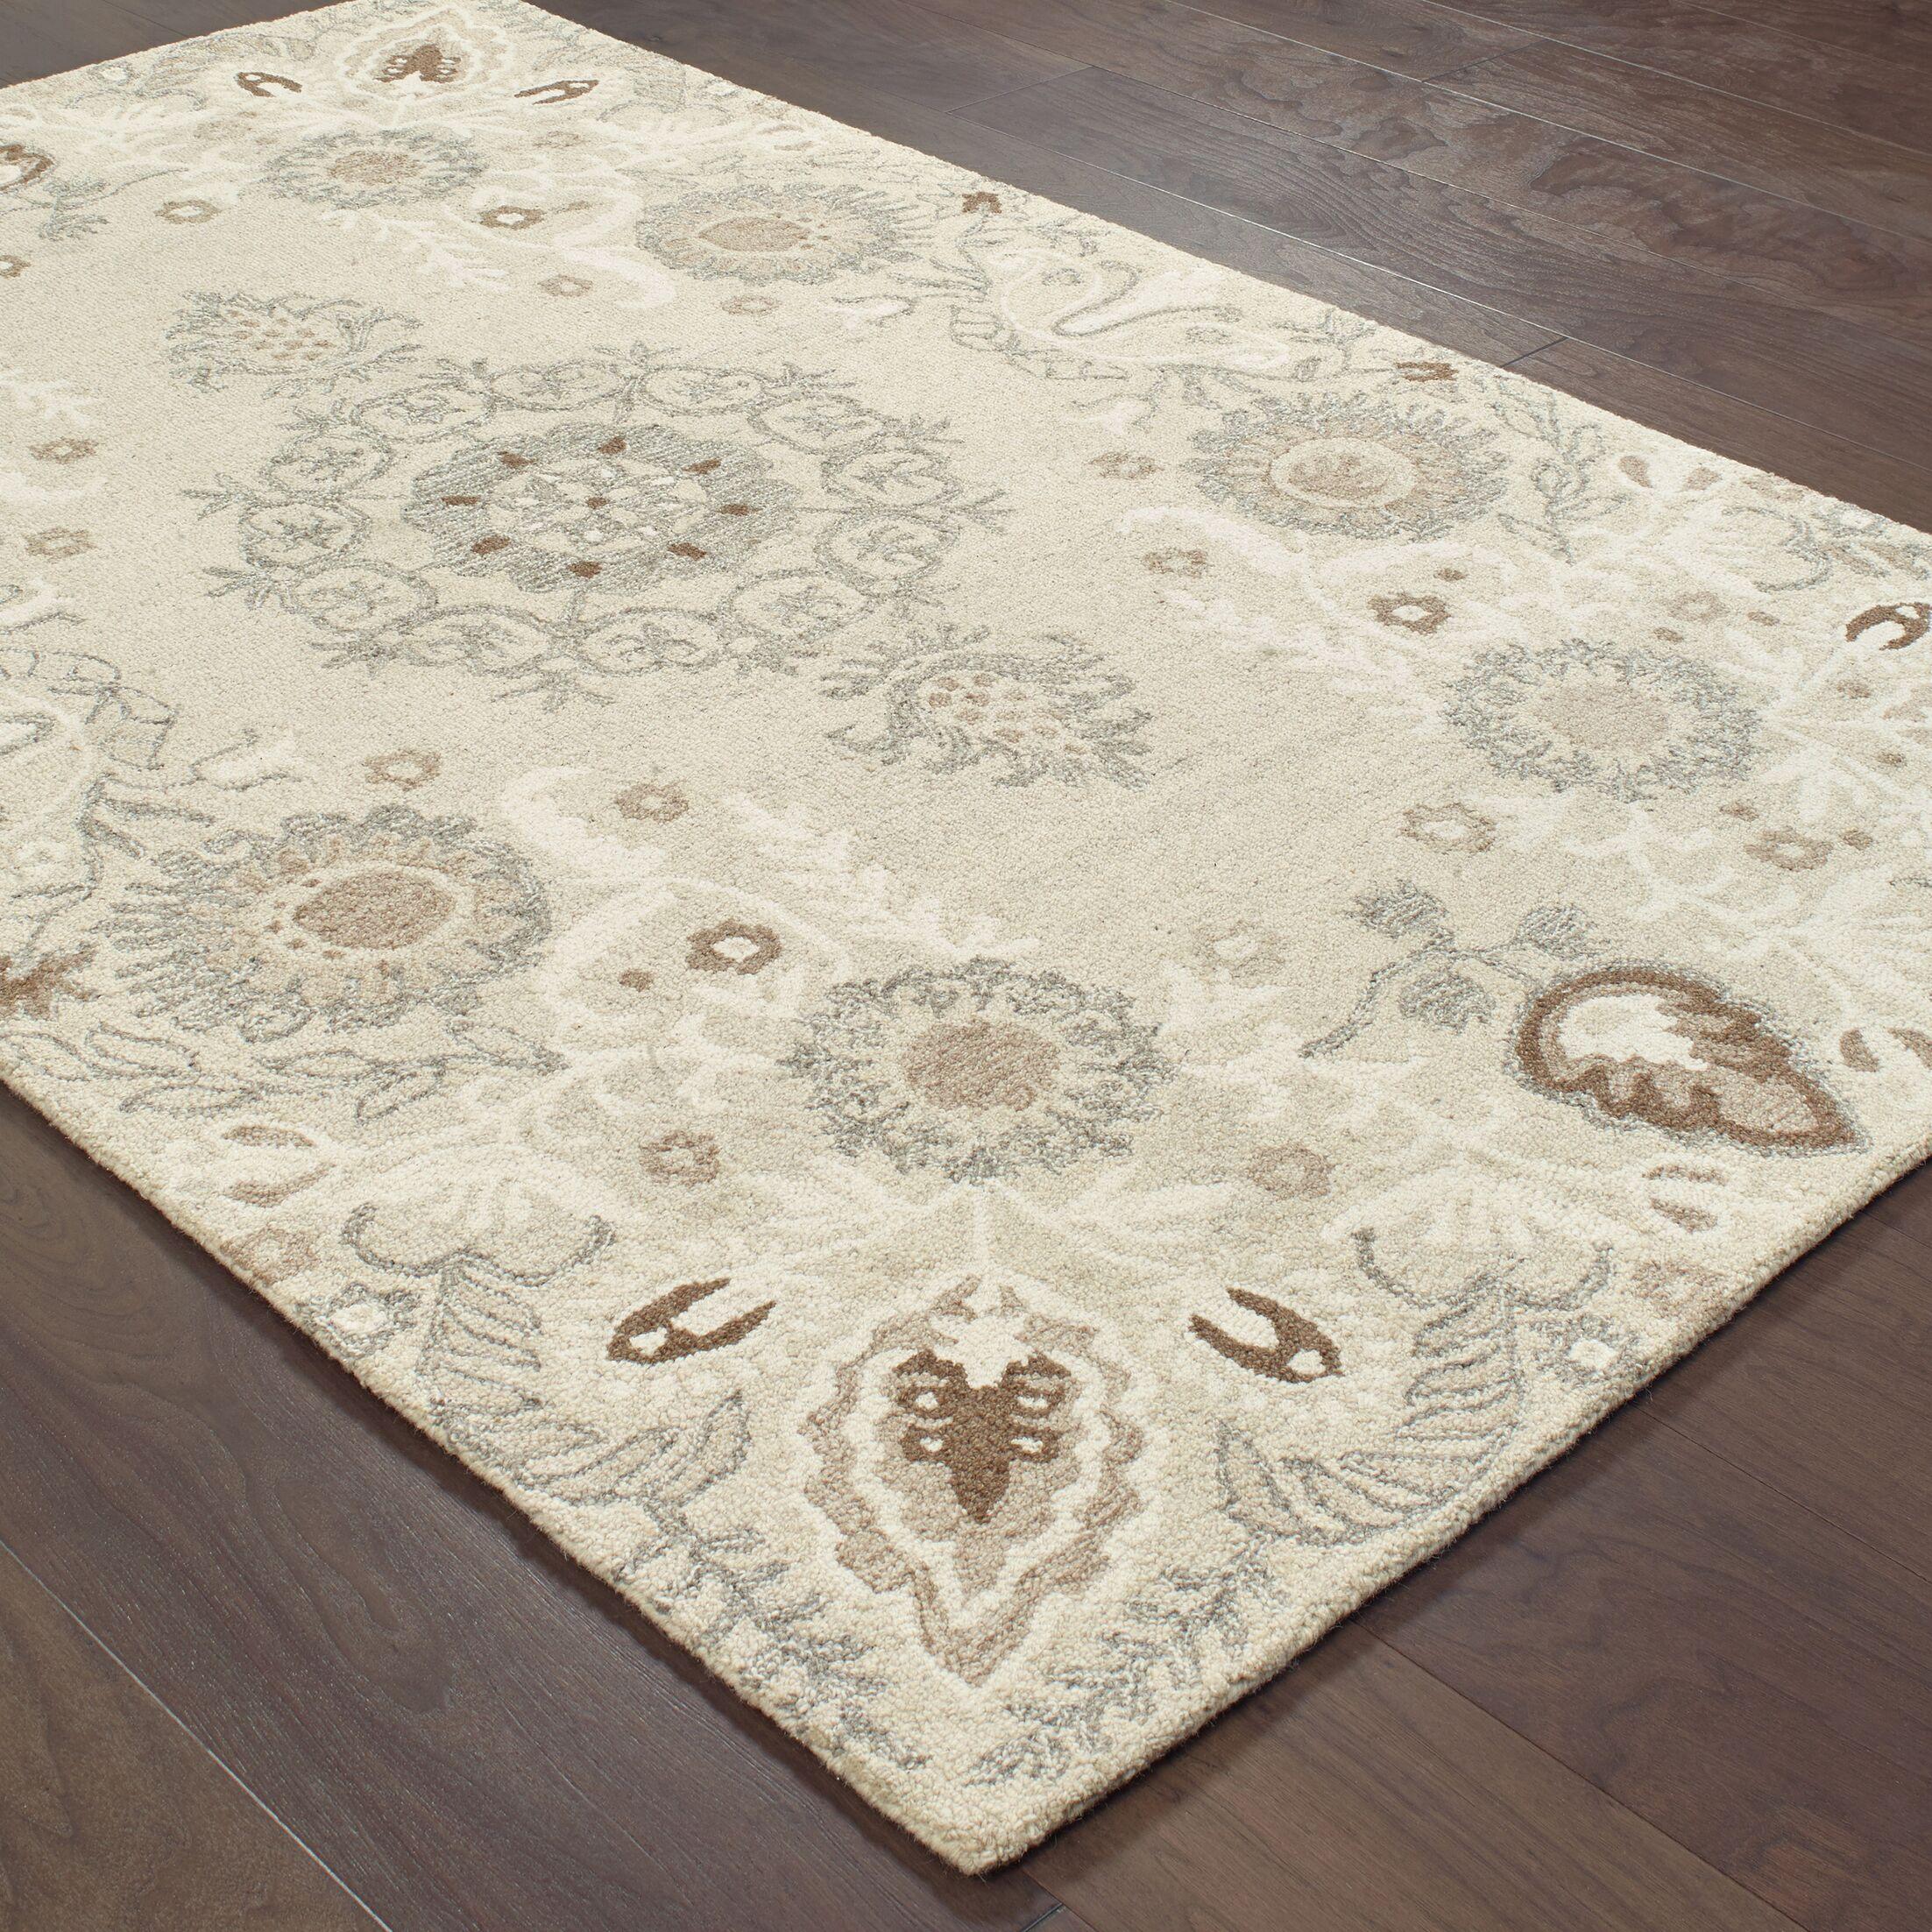 Baddesley Hand-Hooked Wool Sand/Ash Area Rug Rug Size: Rectangle 8' X 10'